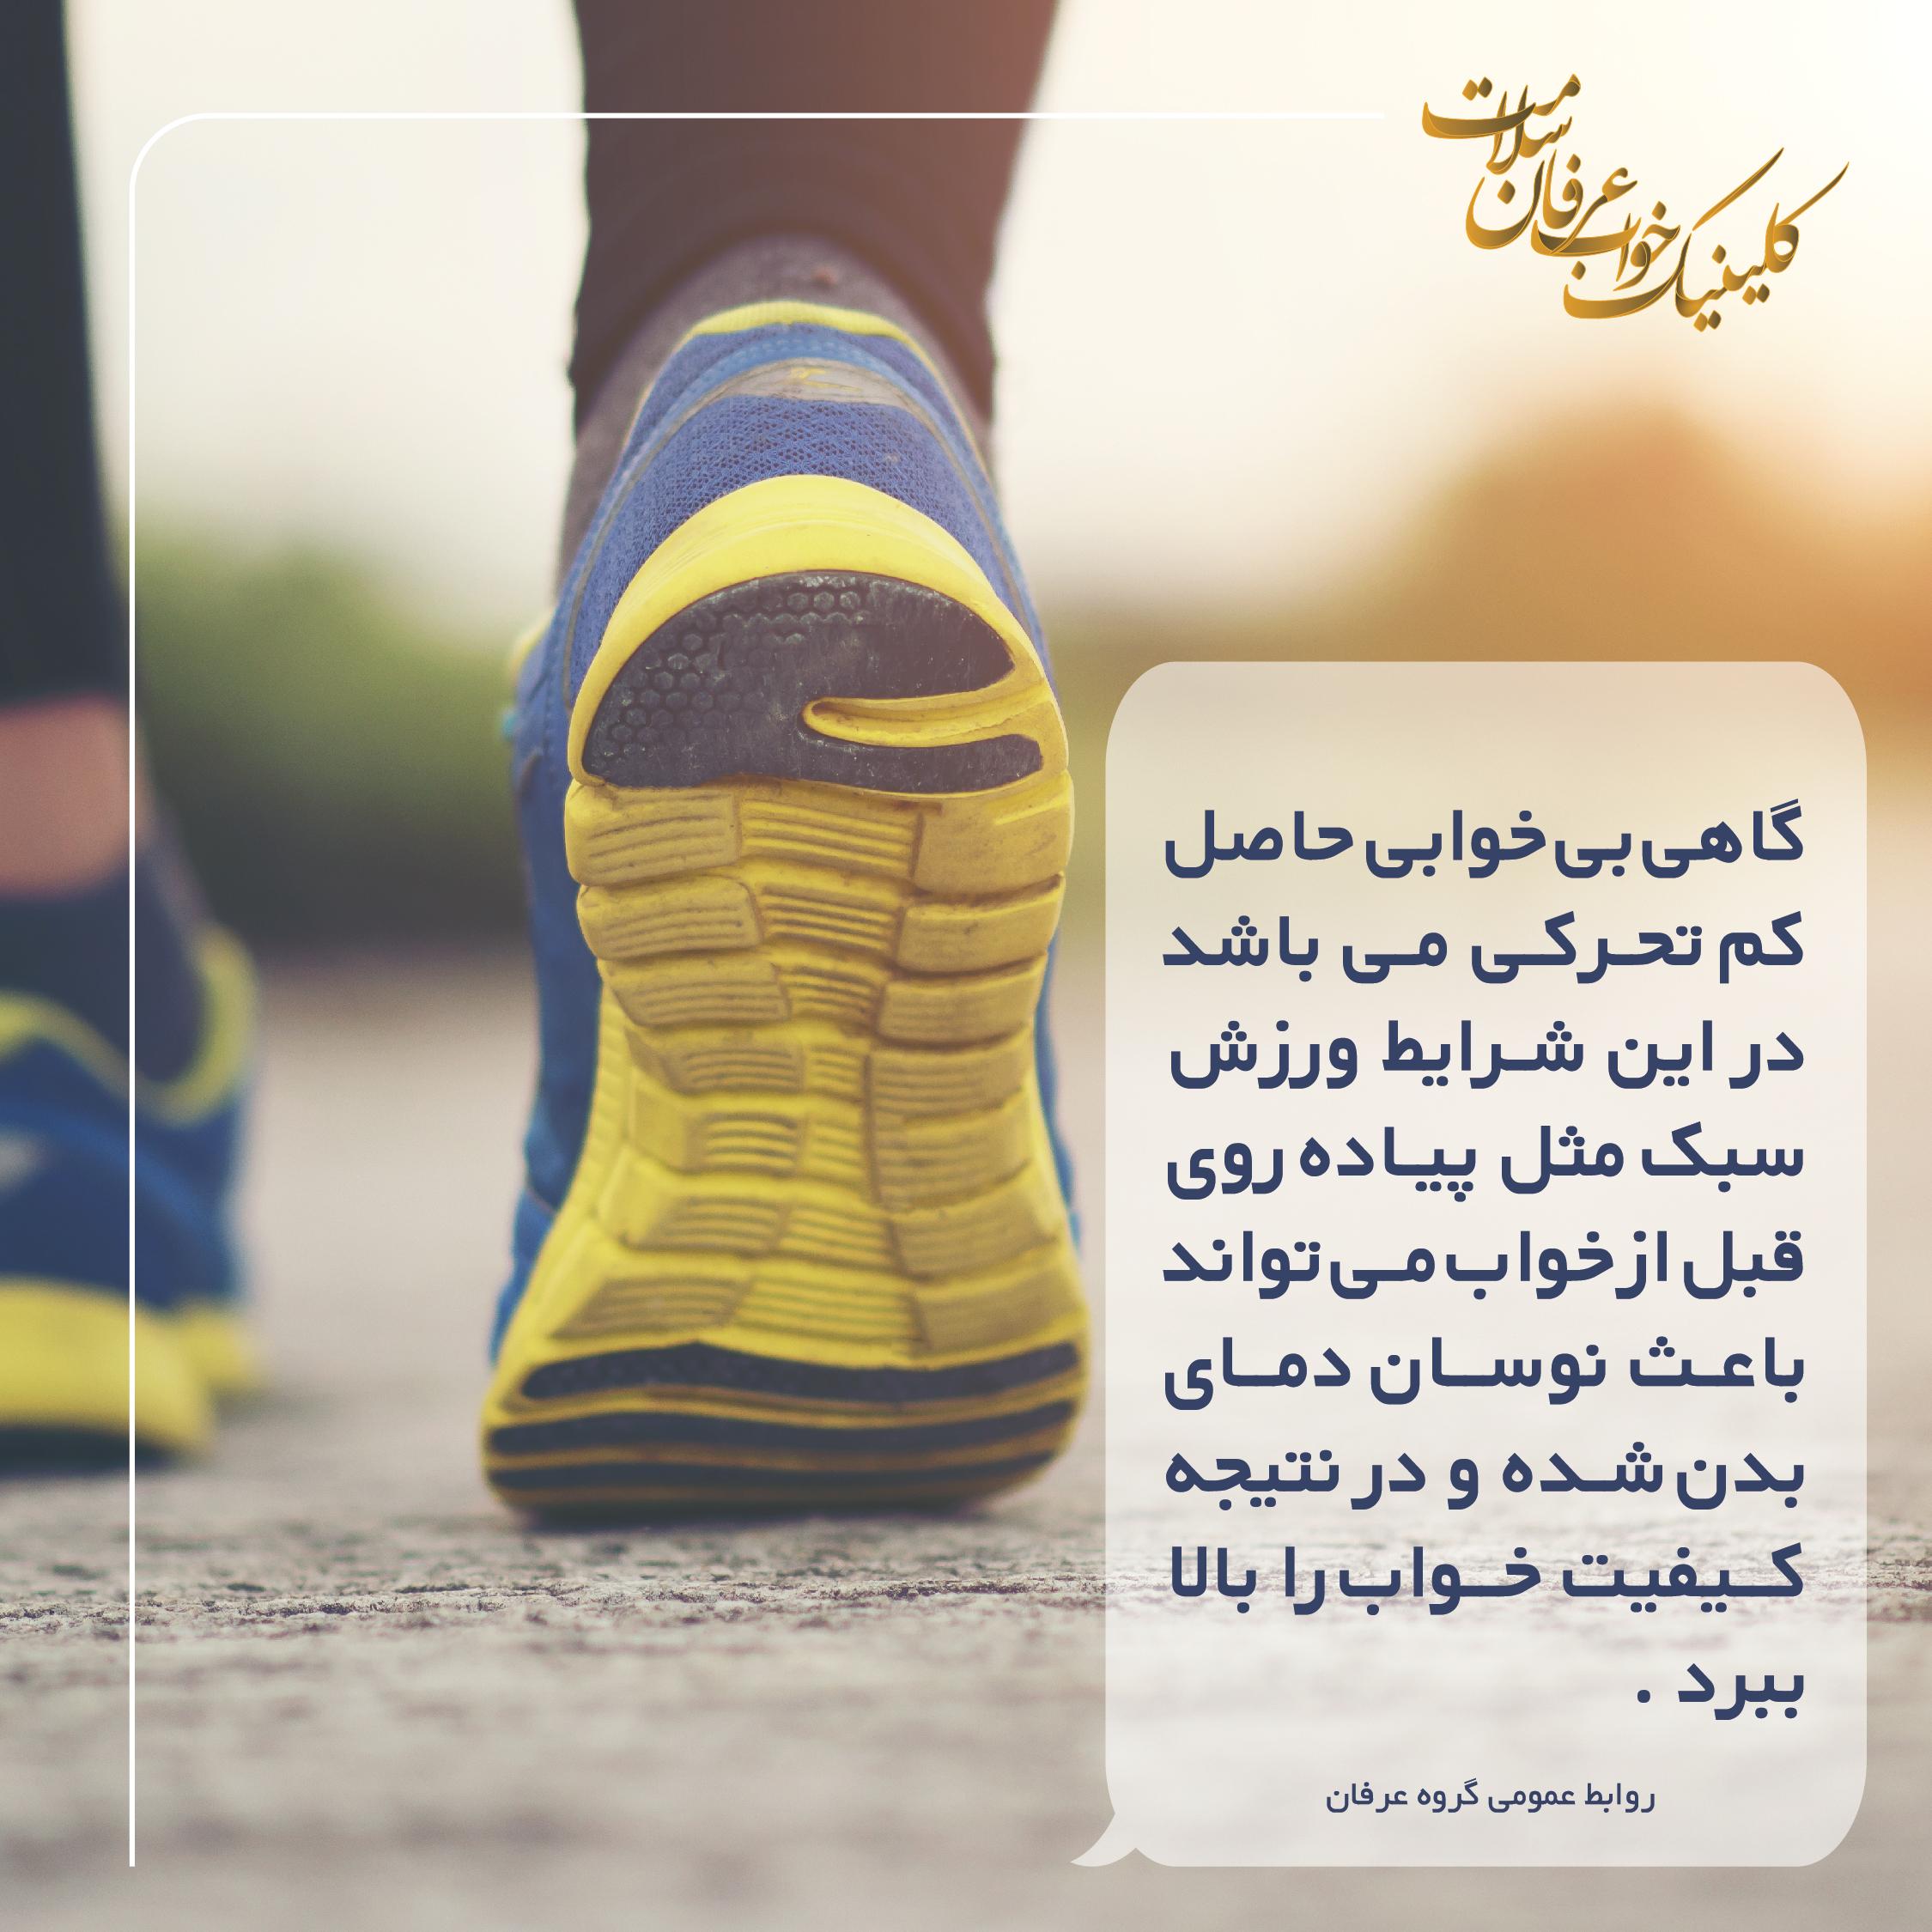 تاثیر پیاده روی بر کیفیت خواب